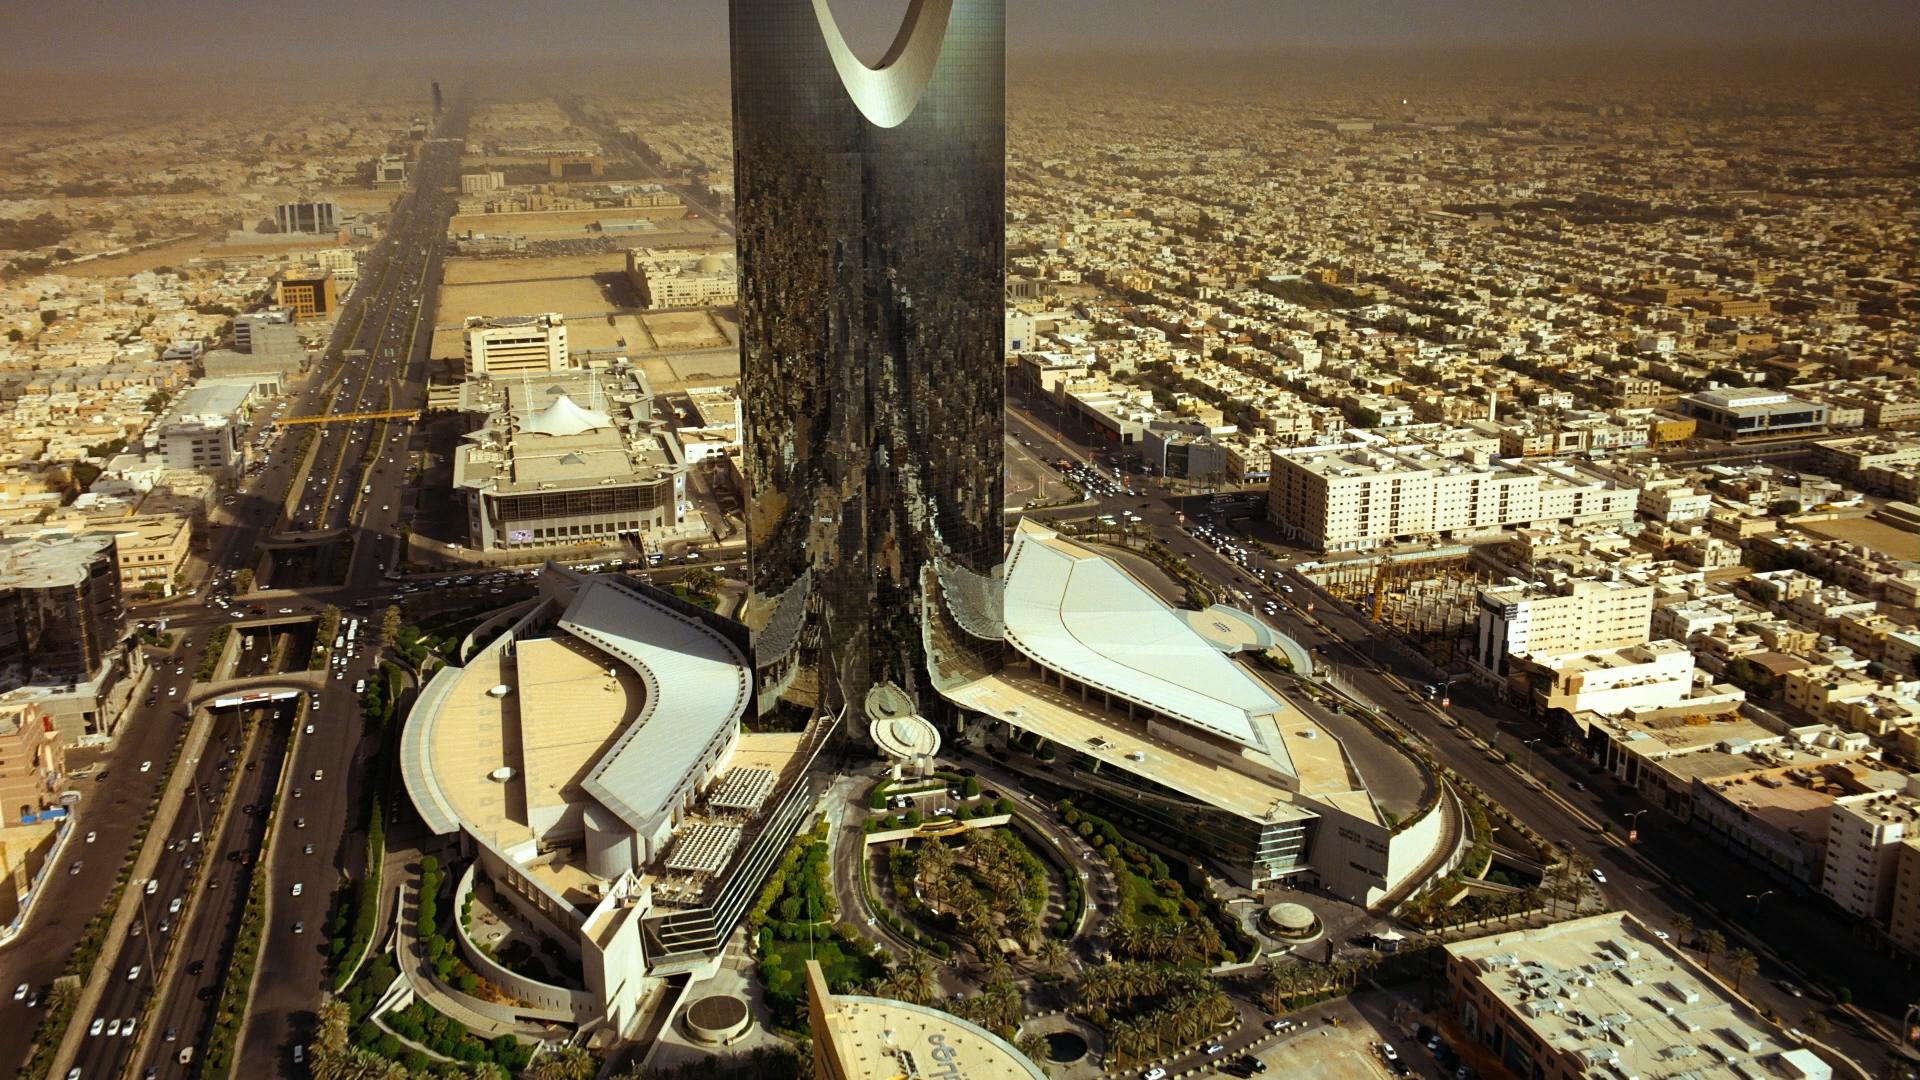 автограде саудовская аравия достопримечательности фото работы